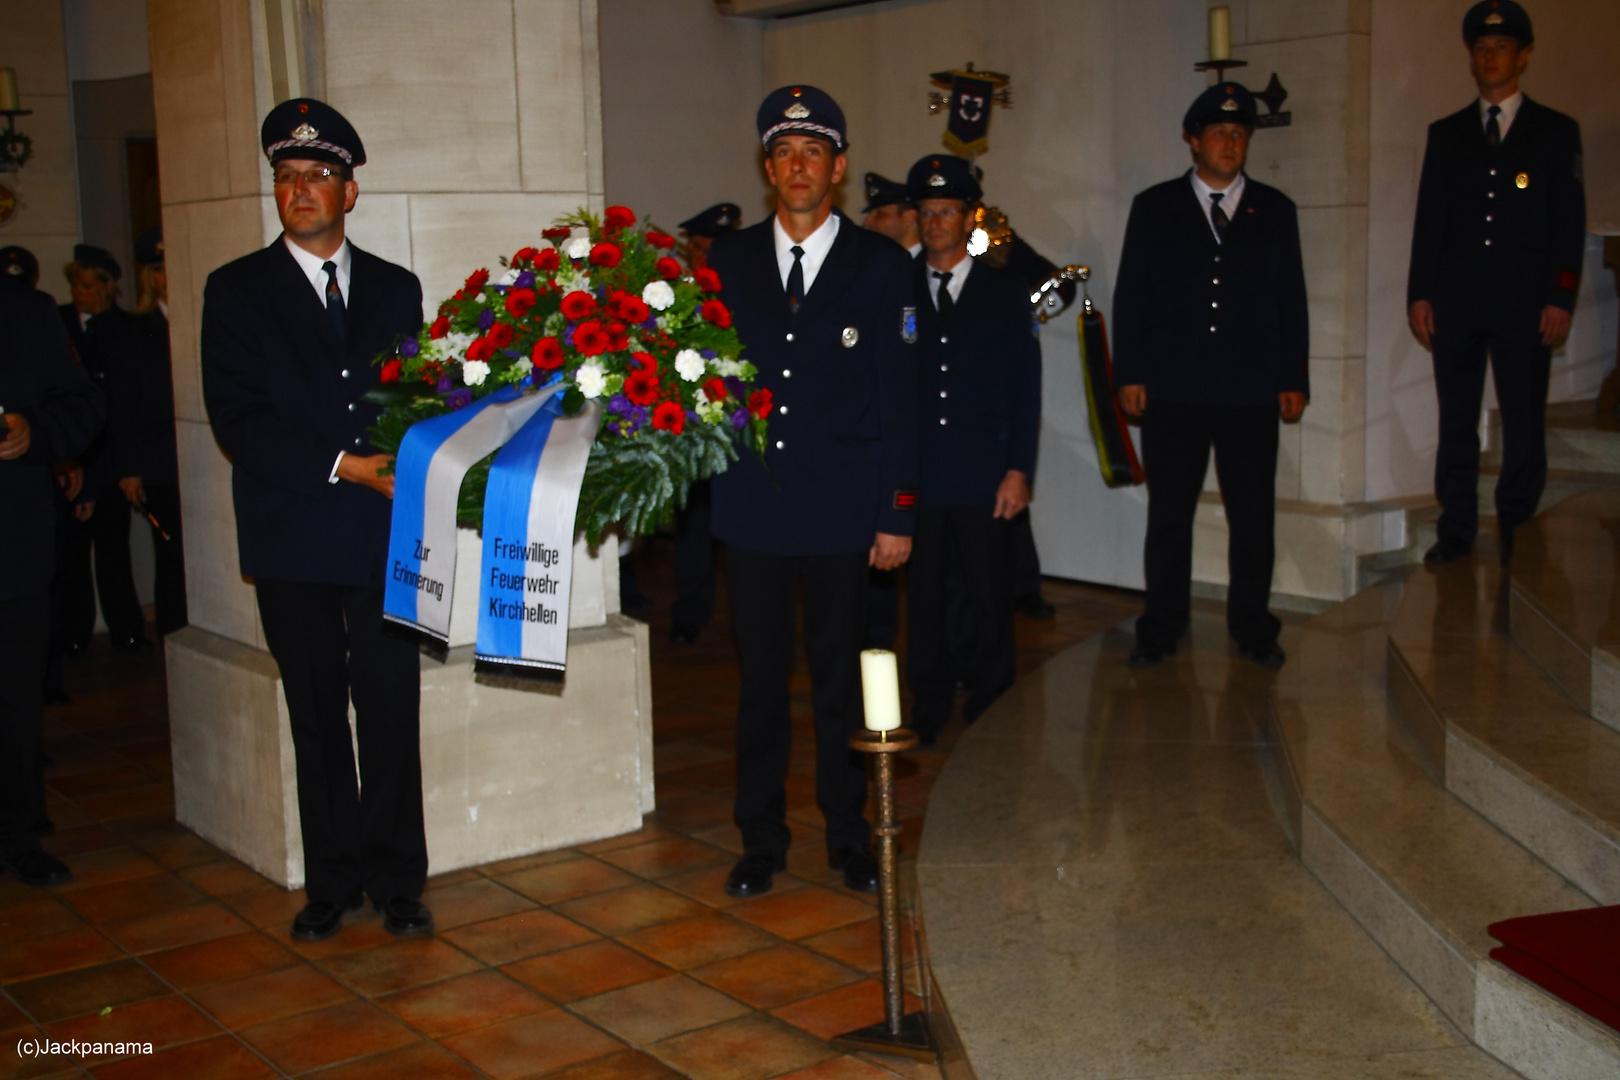 Kranzniederlegung in der Pfarrkirche zum 125-jährigen Jubiläum der Freiwilligen Feuerwehr Kirchhell